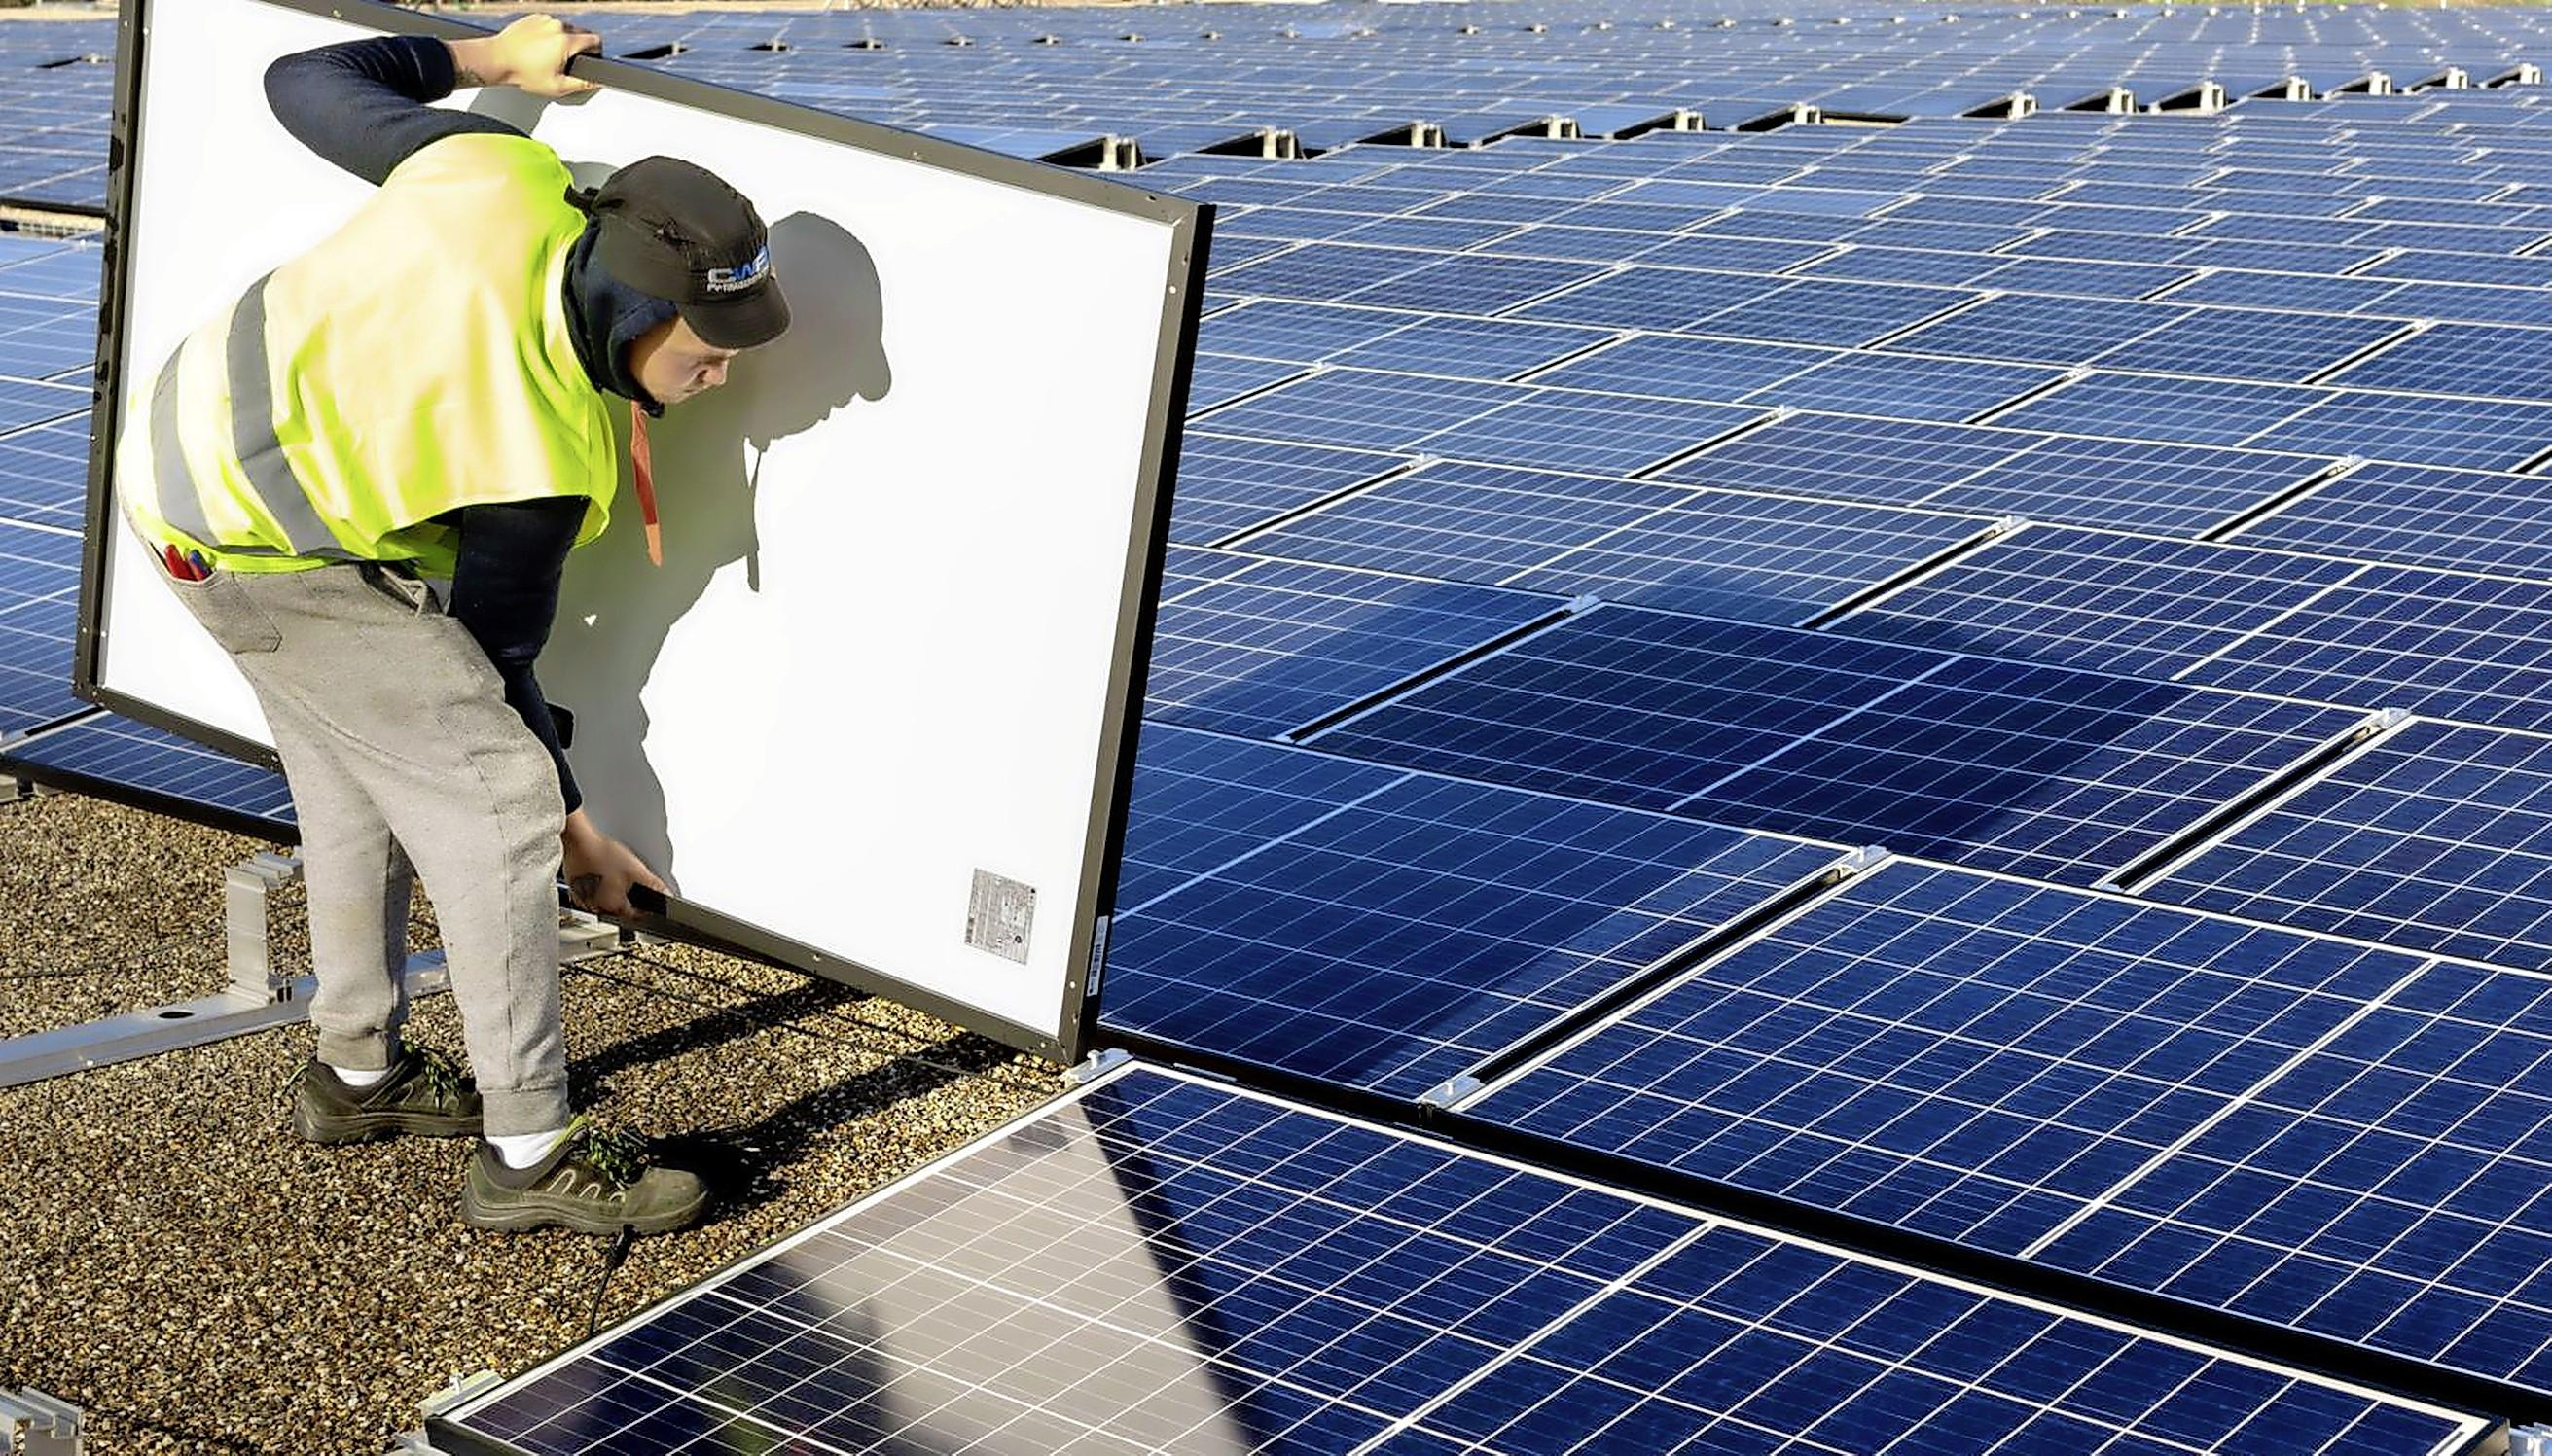 Zonnepark Wieringermeer van 11.000 naar 31.000 panelen. Uitbreiding halverwege 2022 gereed